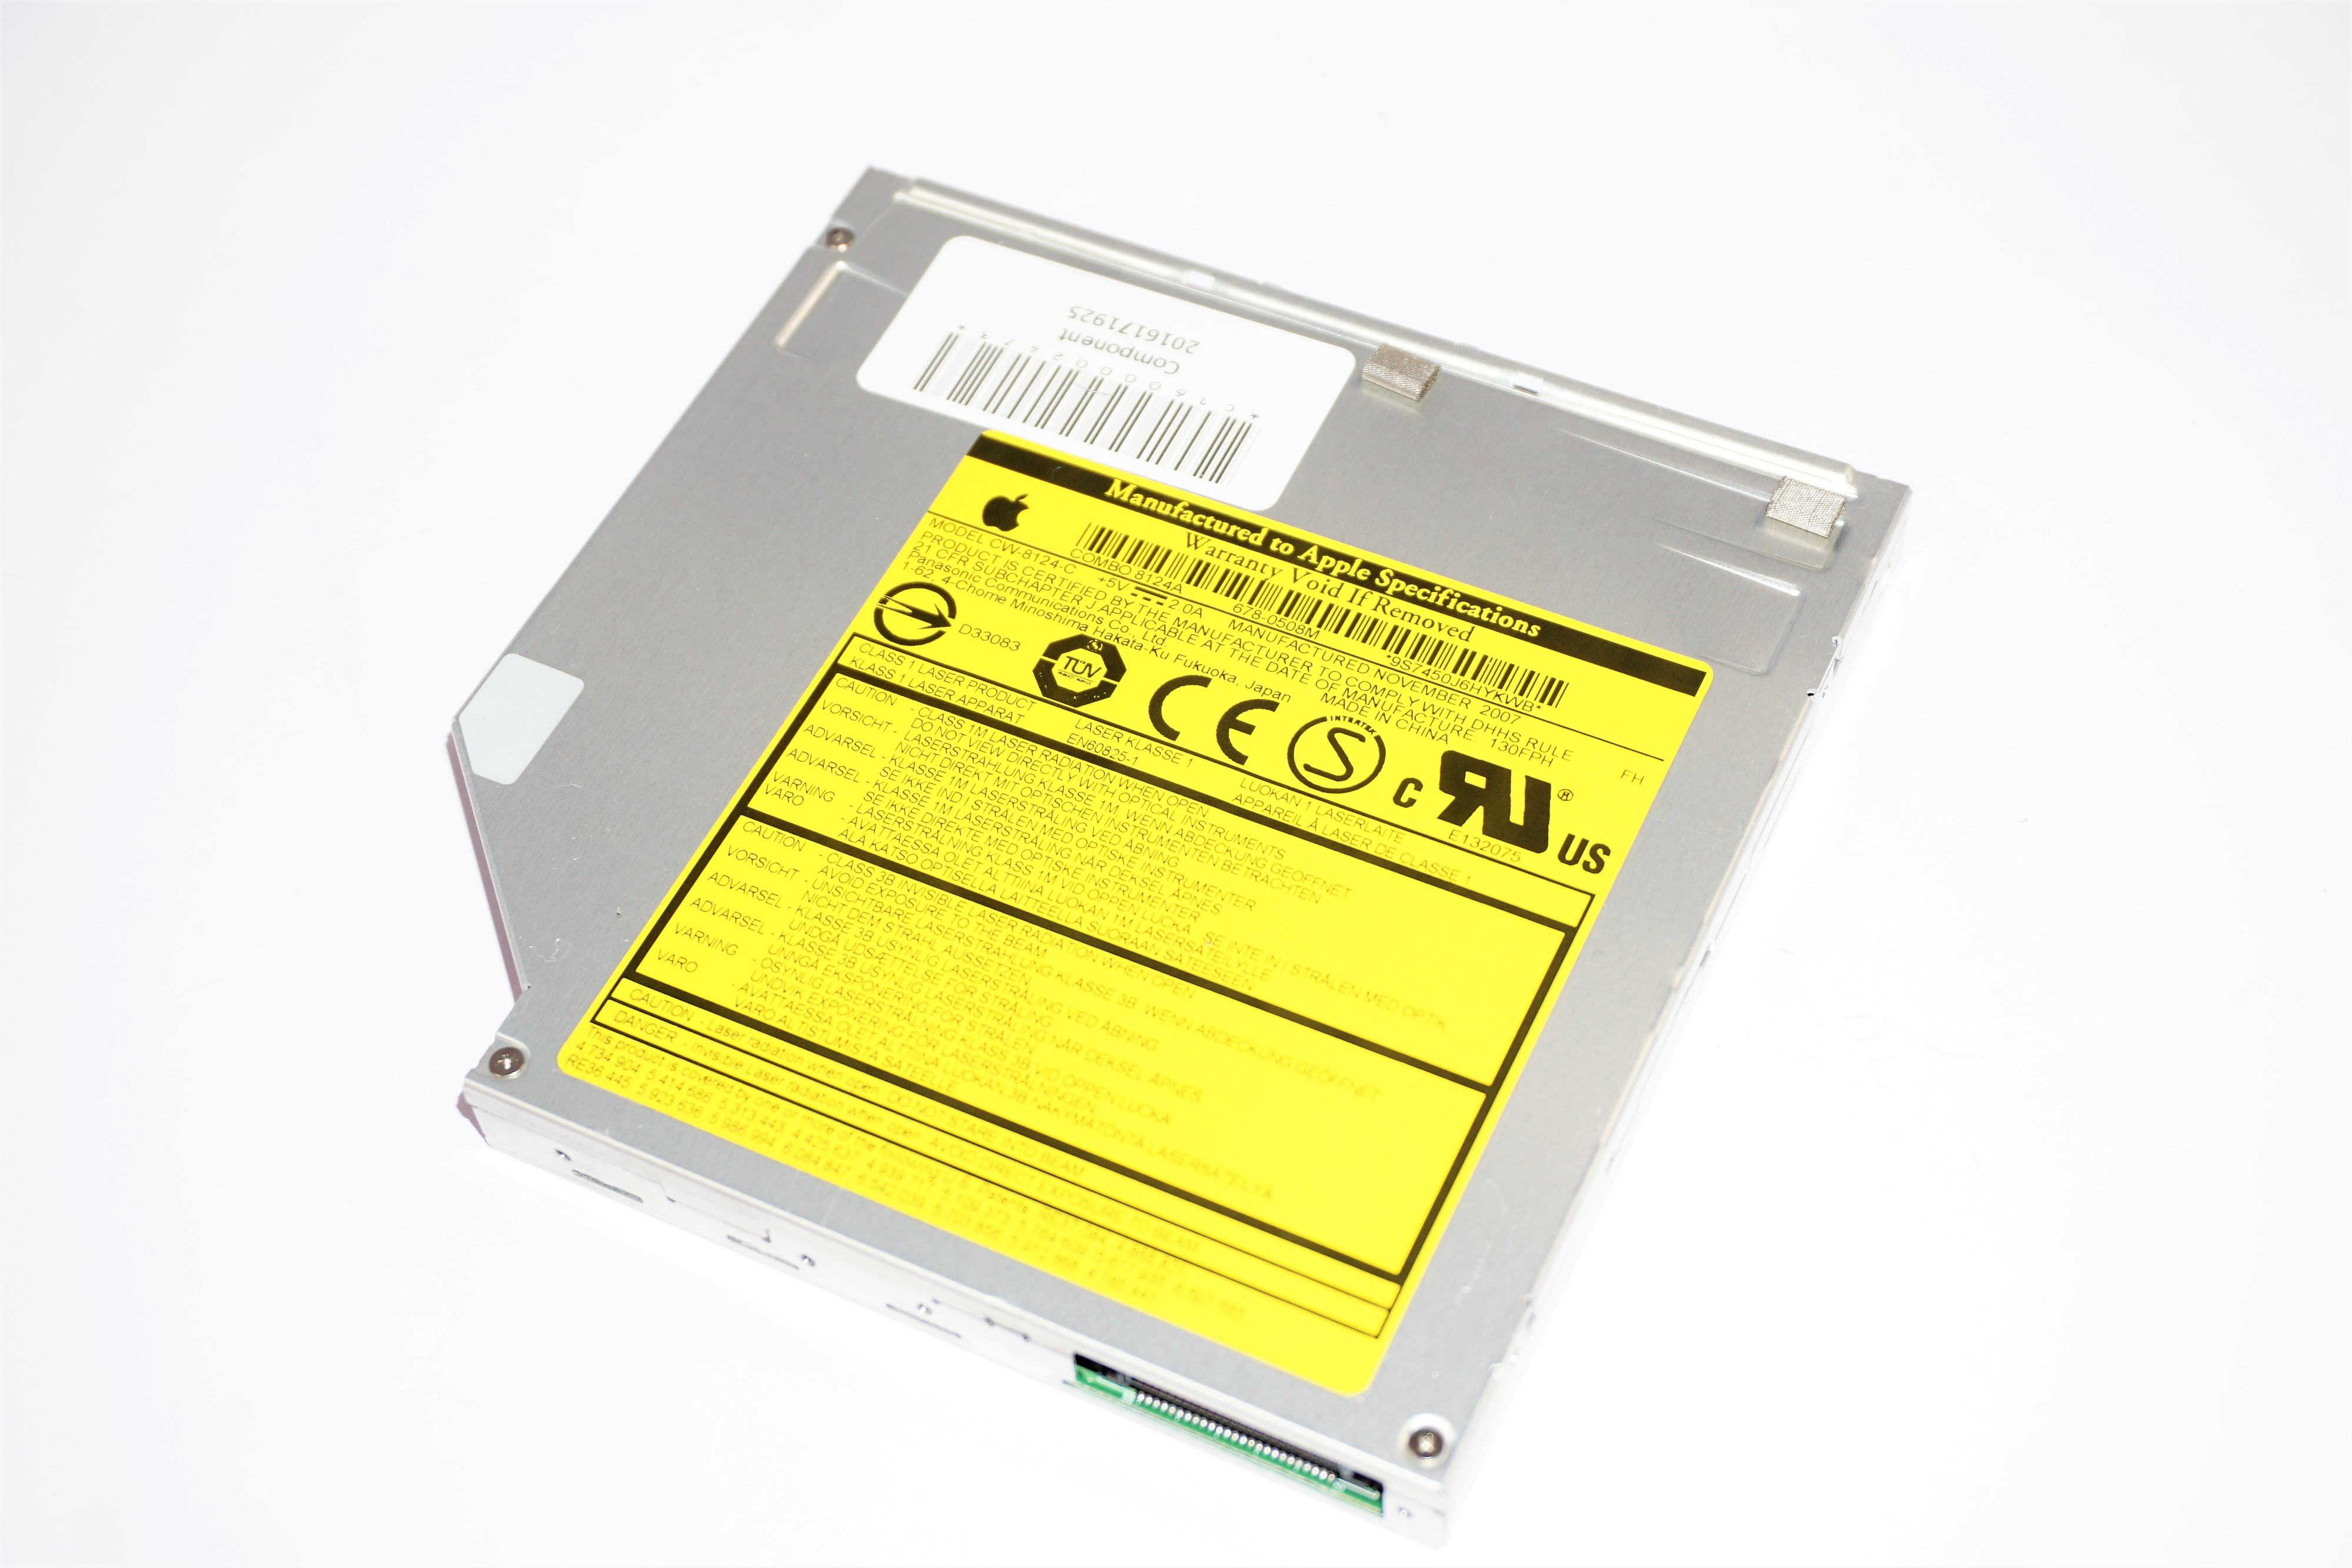 678-0508M Apple Combo 8124A Optical Drive /f Mac Mini A1176 EMC:2108